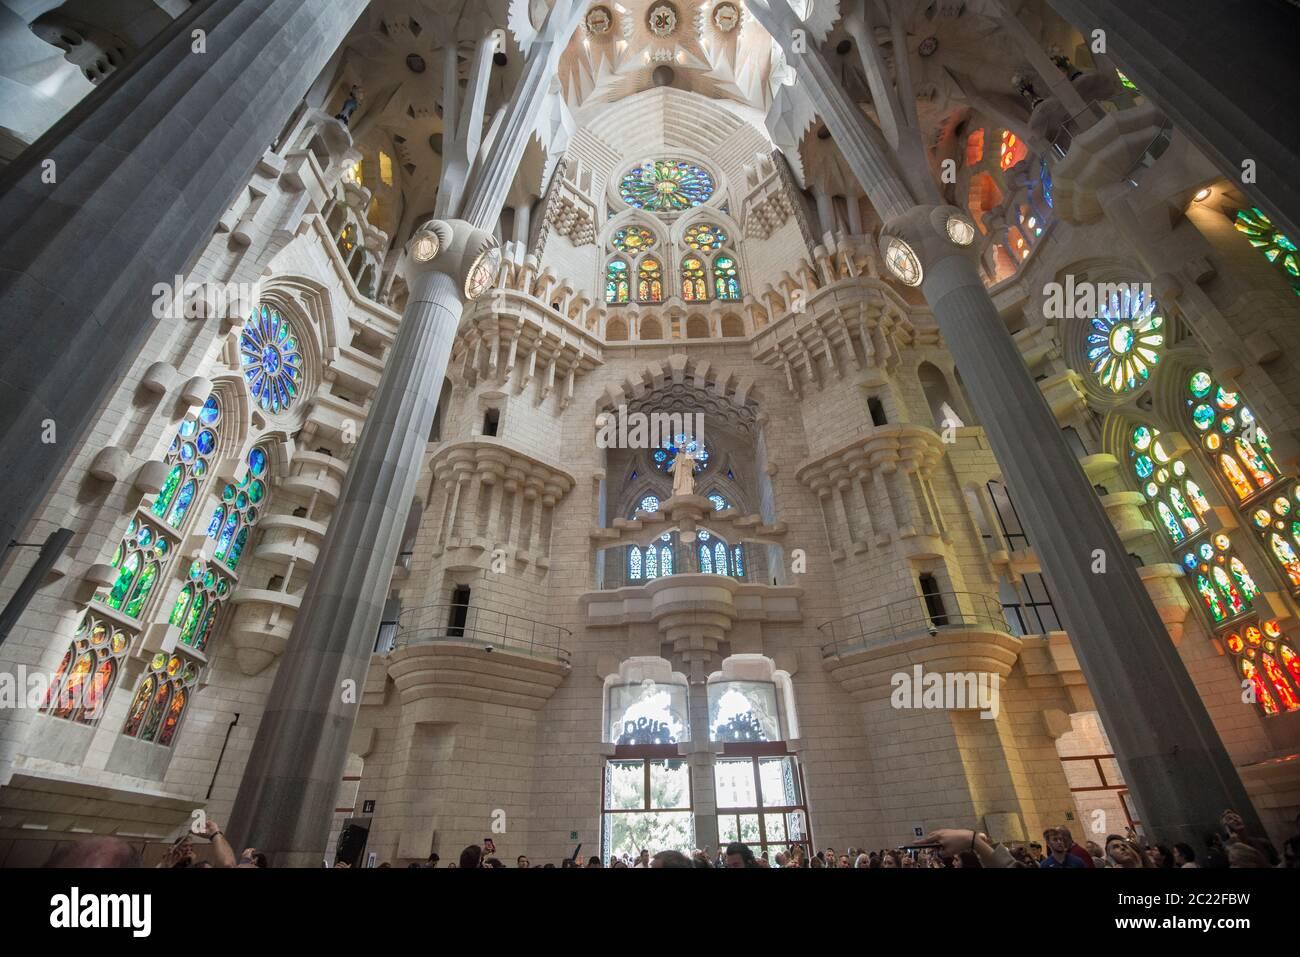 Interior de la Basílica de la Sagrada Familia, diseñada por Antoni Gaudí, su obra forma parte de un Patrimonio de la Humanidad de la UNESCO, Barcelona, España Foto de stock